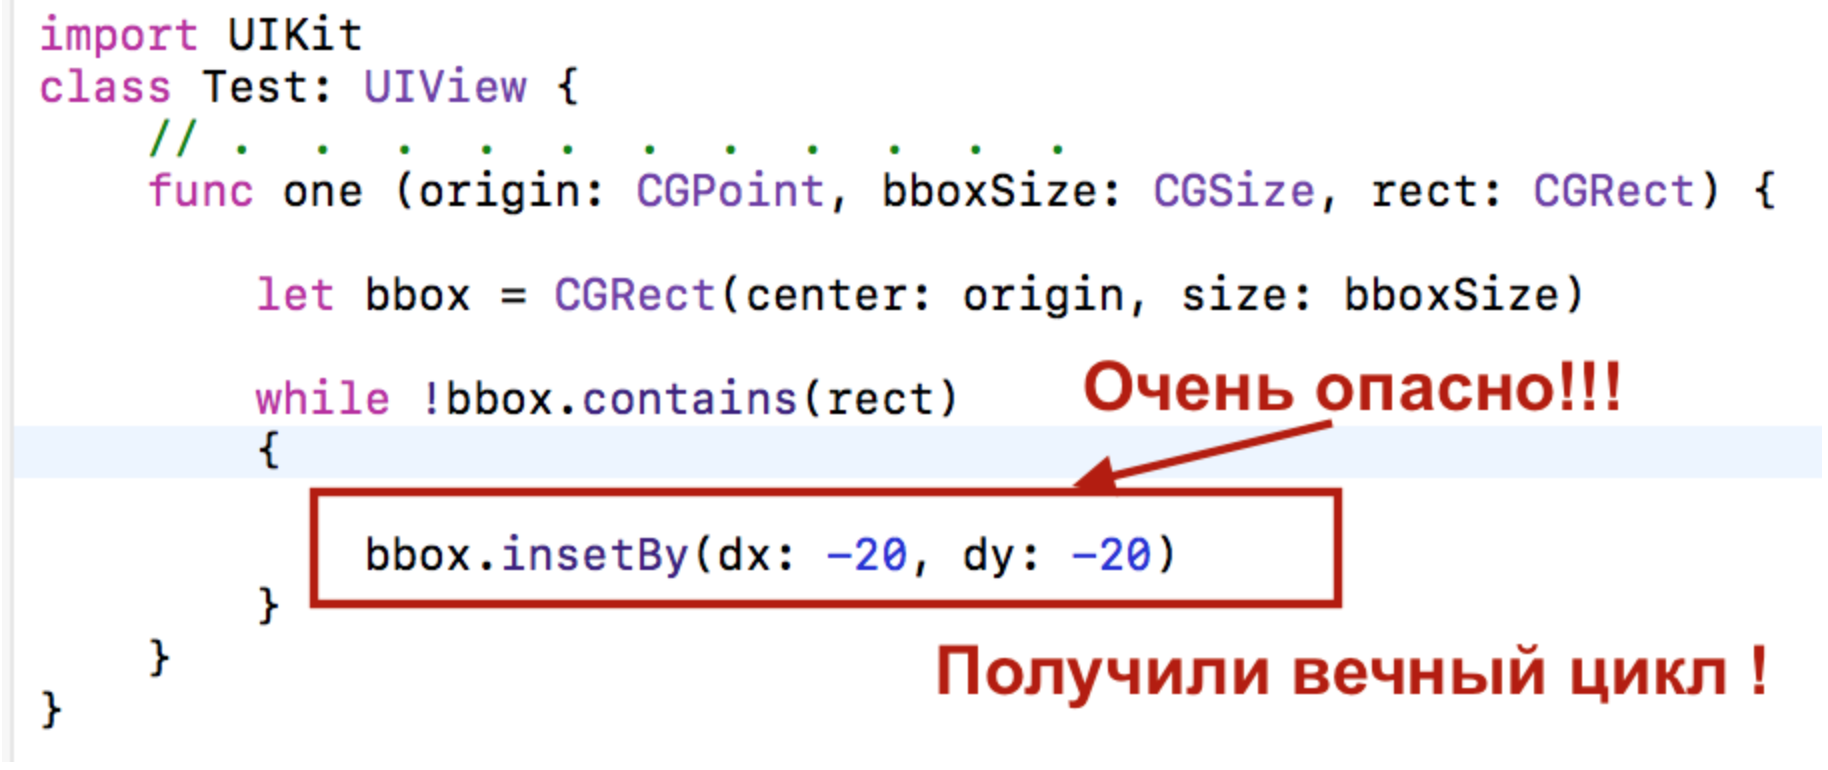 Переходим на Swift 3 с помощью миграционного «робота» в Xcode 8.1 и 8.2 - 36